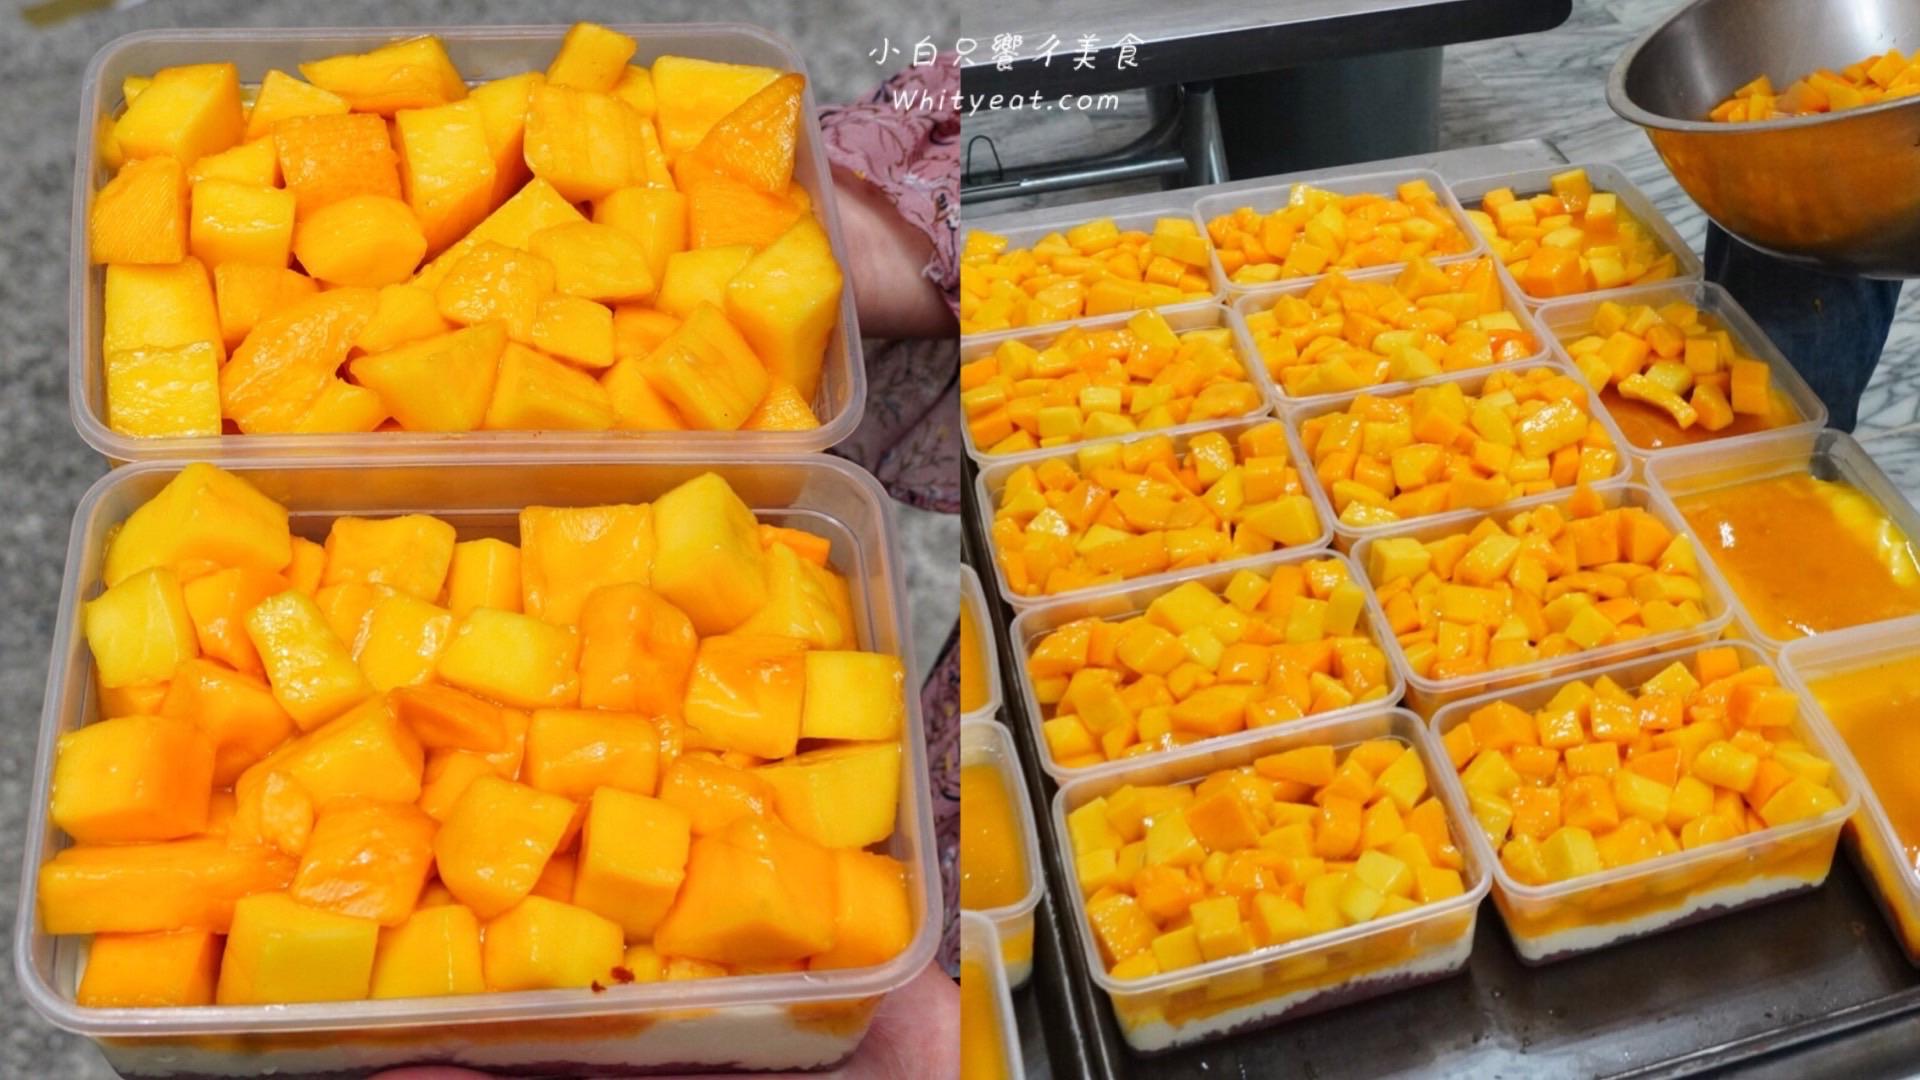 【台南美食】栗卡朵洋菓子工坊 爆多芒果/芋泥爽寶盒 限時限量買一送一!超浮誇裝到滿欠吃爆|學甲美食|台南甜點